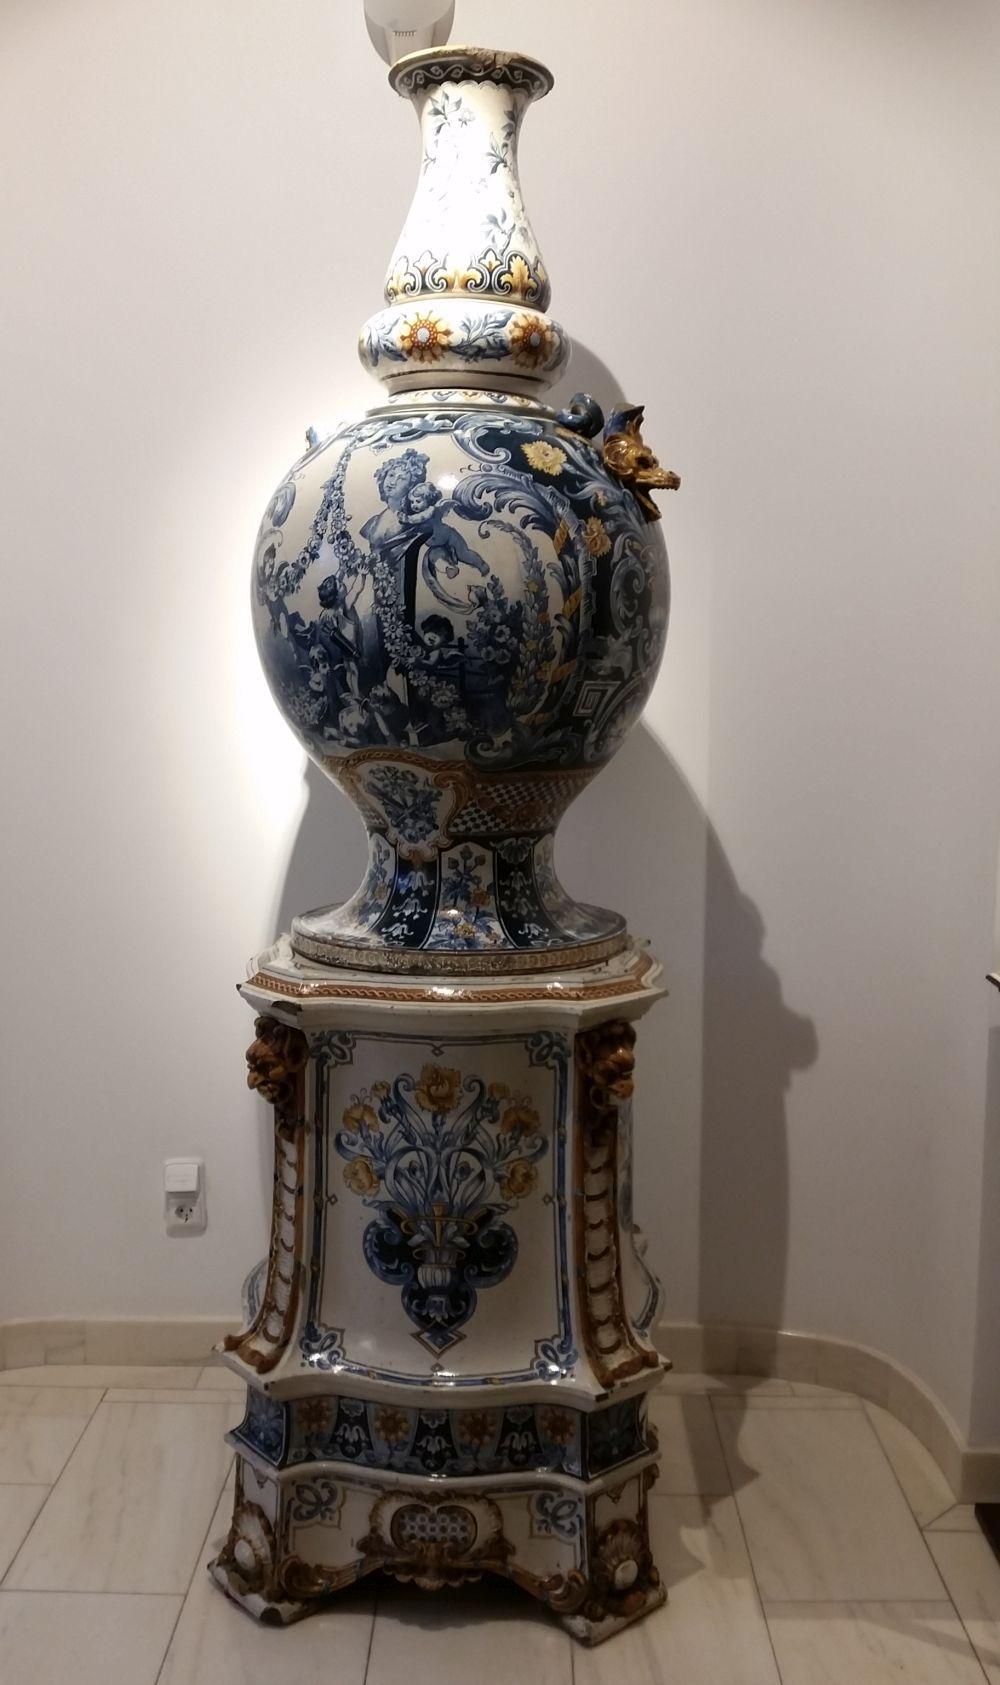 Vei găsi la muzeu și obiecte decorative impozante a căror rol e doar presupus, cum ar fi acest vas, probabil pentru decorul grădinii.